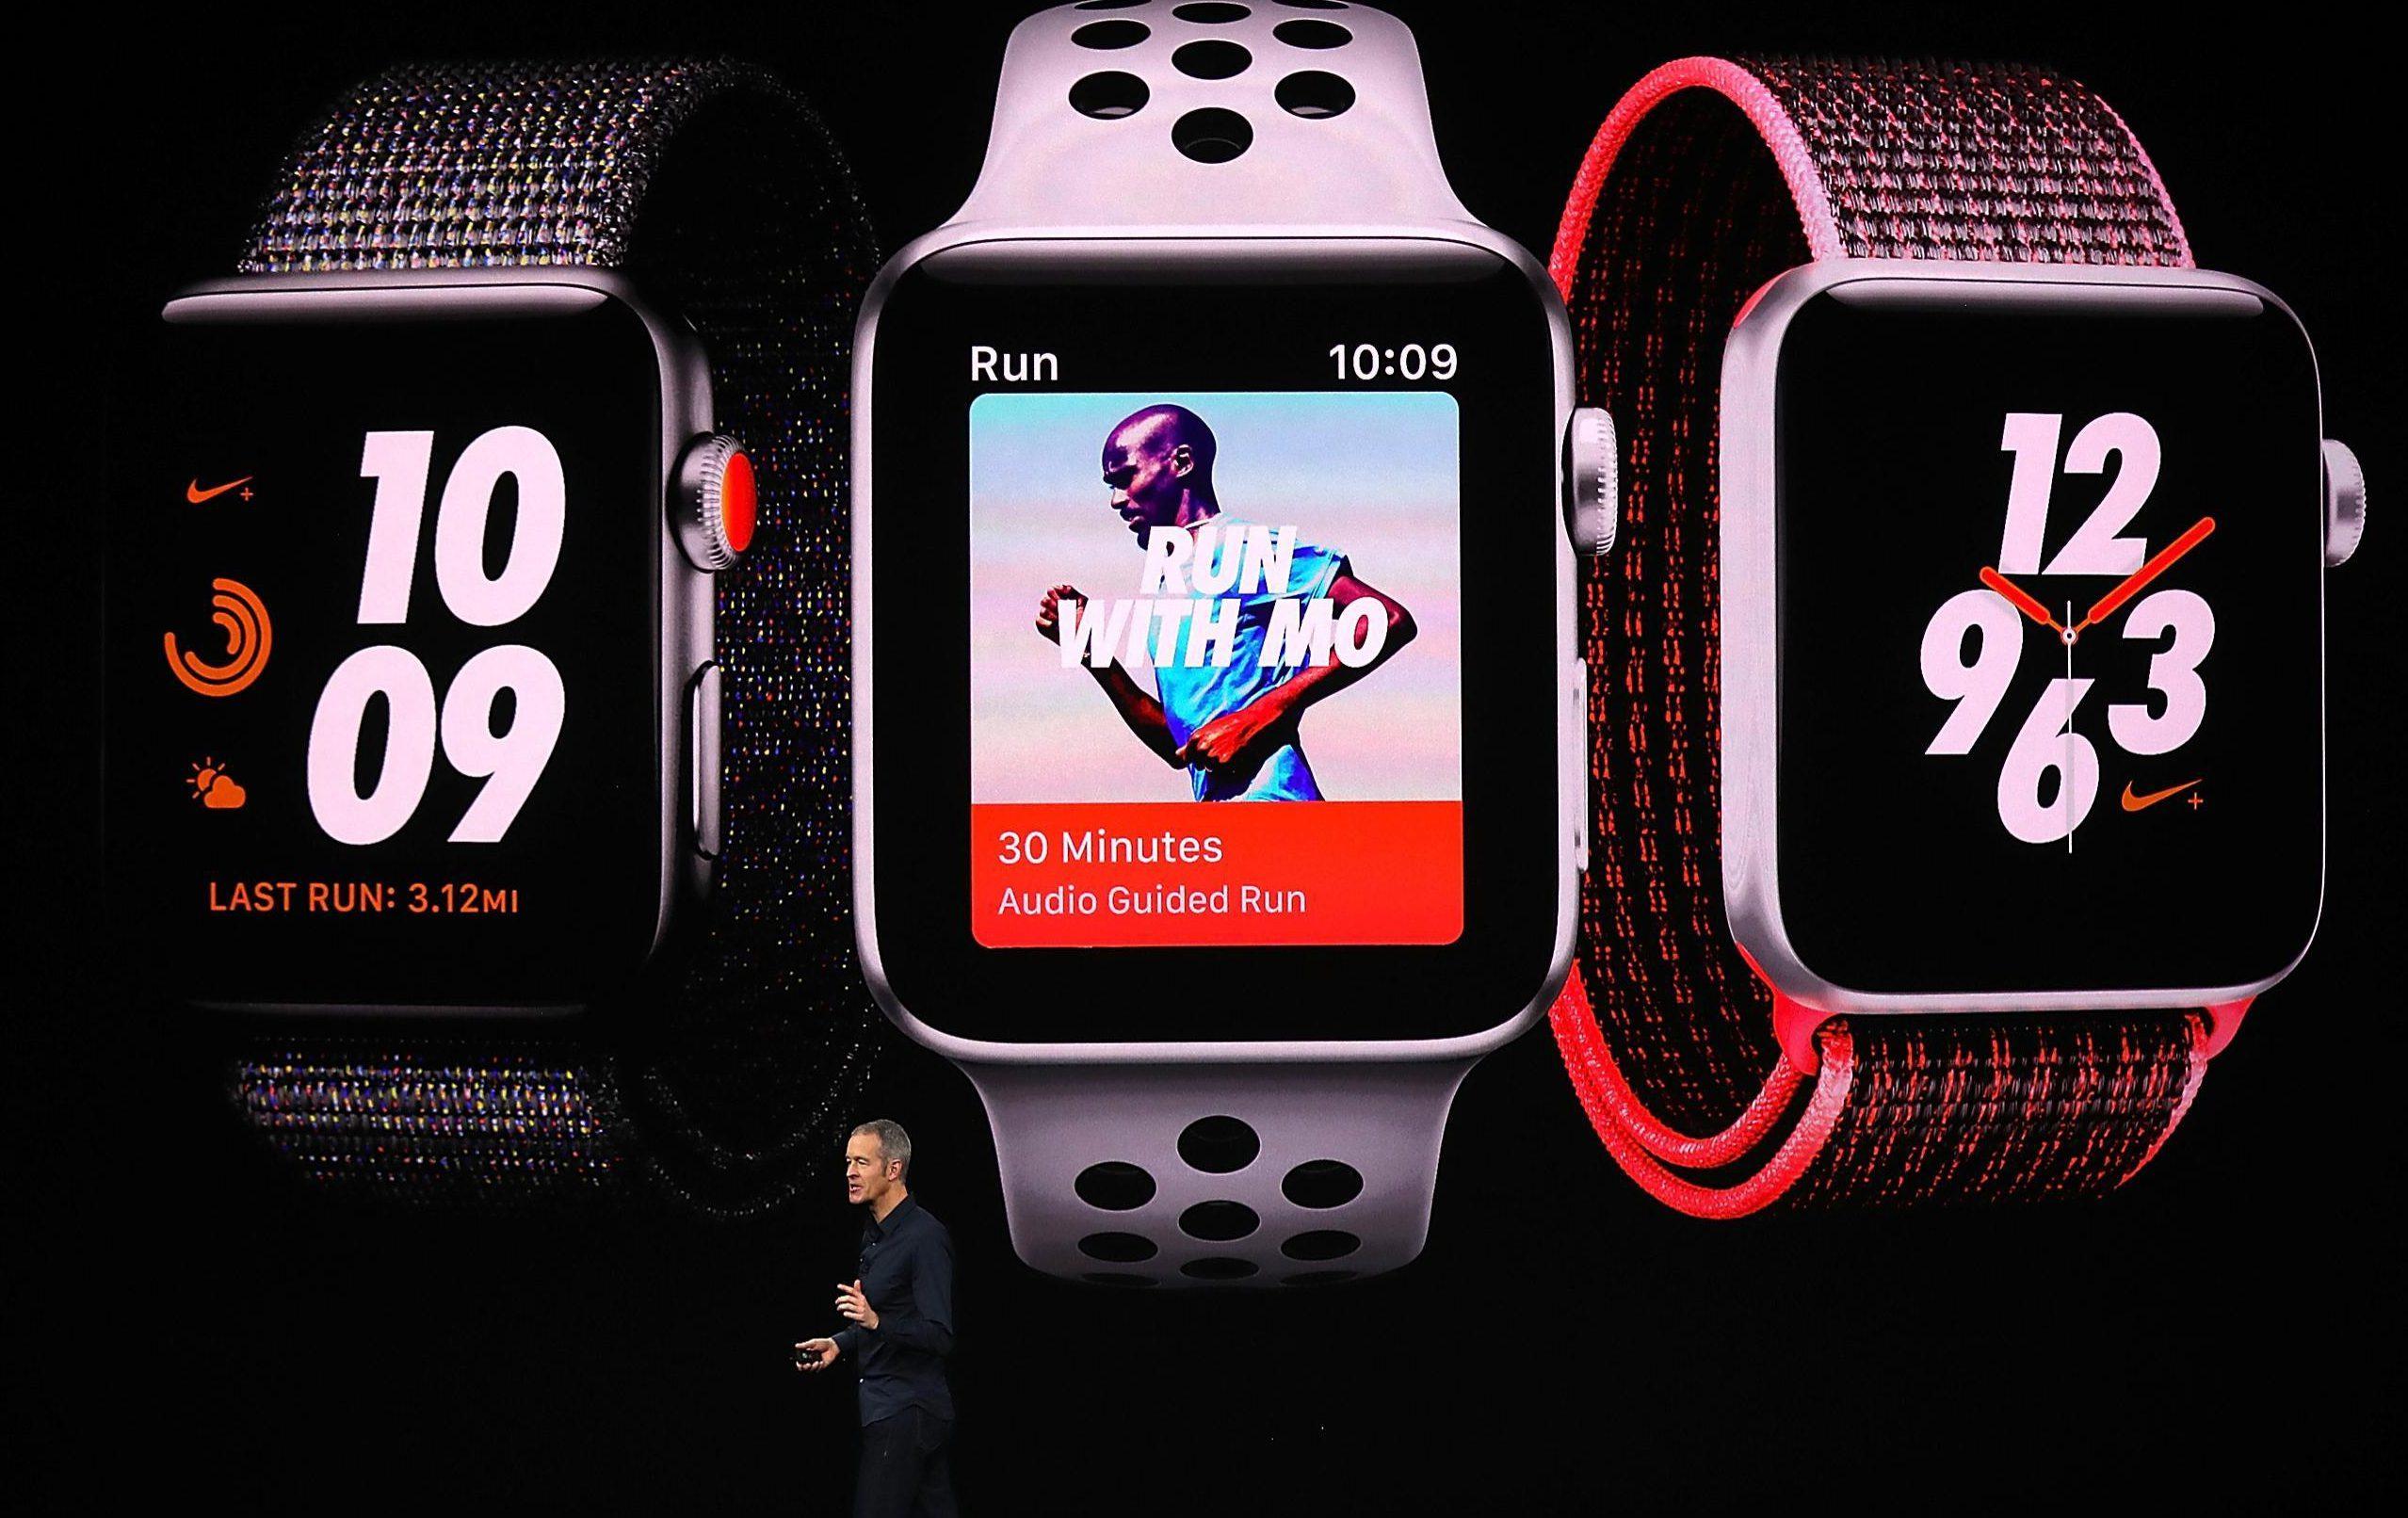 Apple        COO Jeff Williams đã nói trong Apple sự kiện đặc biệt tại Nhà hát Steve Jobs tại Apple Khuôn viên công viên vào ngày 12 tháng 9 năm 2017 tại Cupertino, California